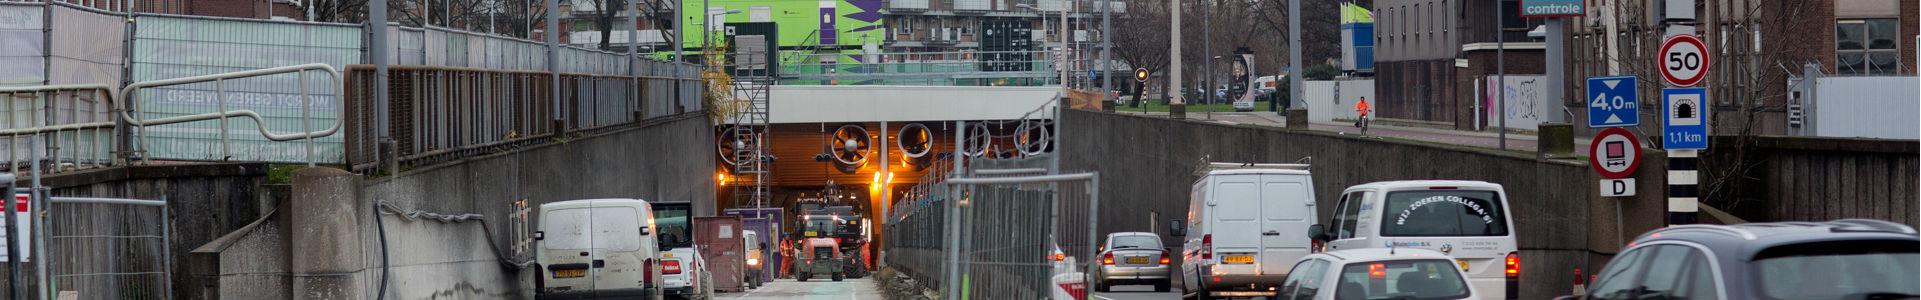 Maastunnel dicht: normale ochtendspitsen, drukkere avondspitsen